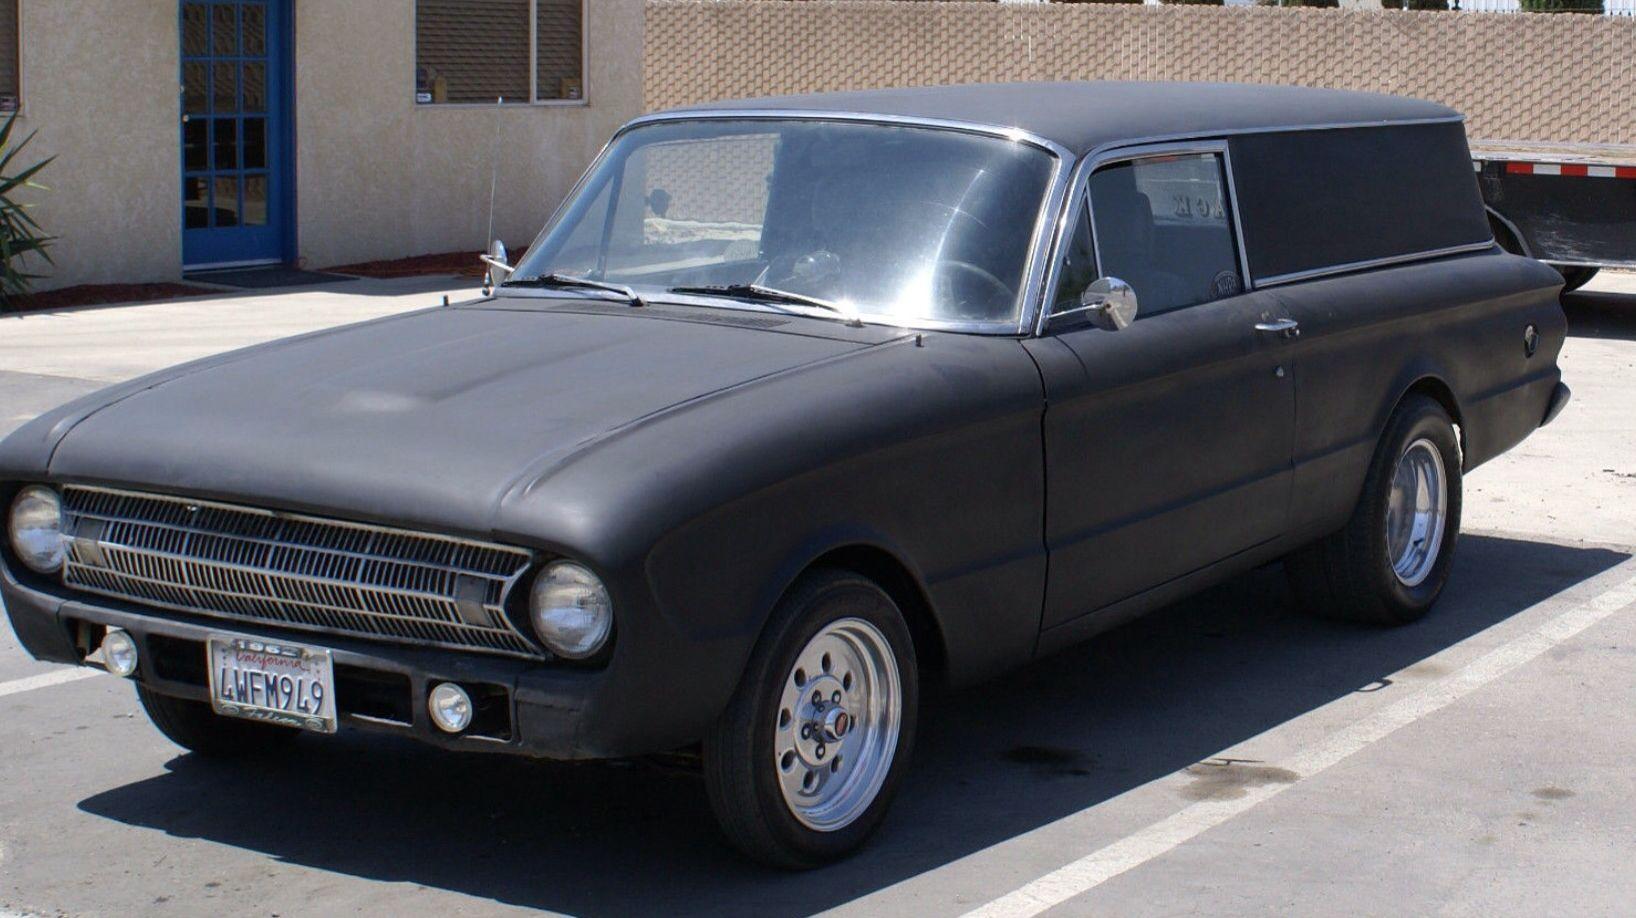 Ford Falcon Delivery wagon